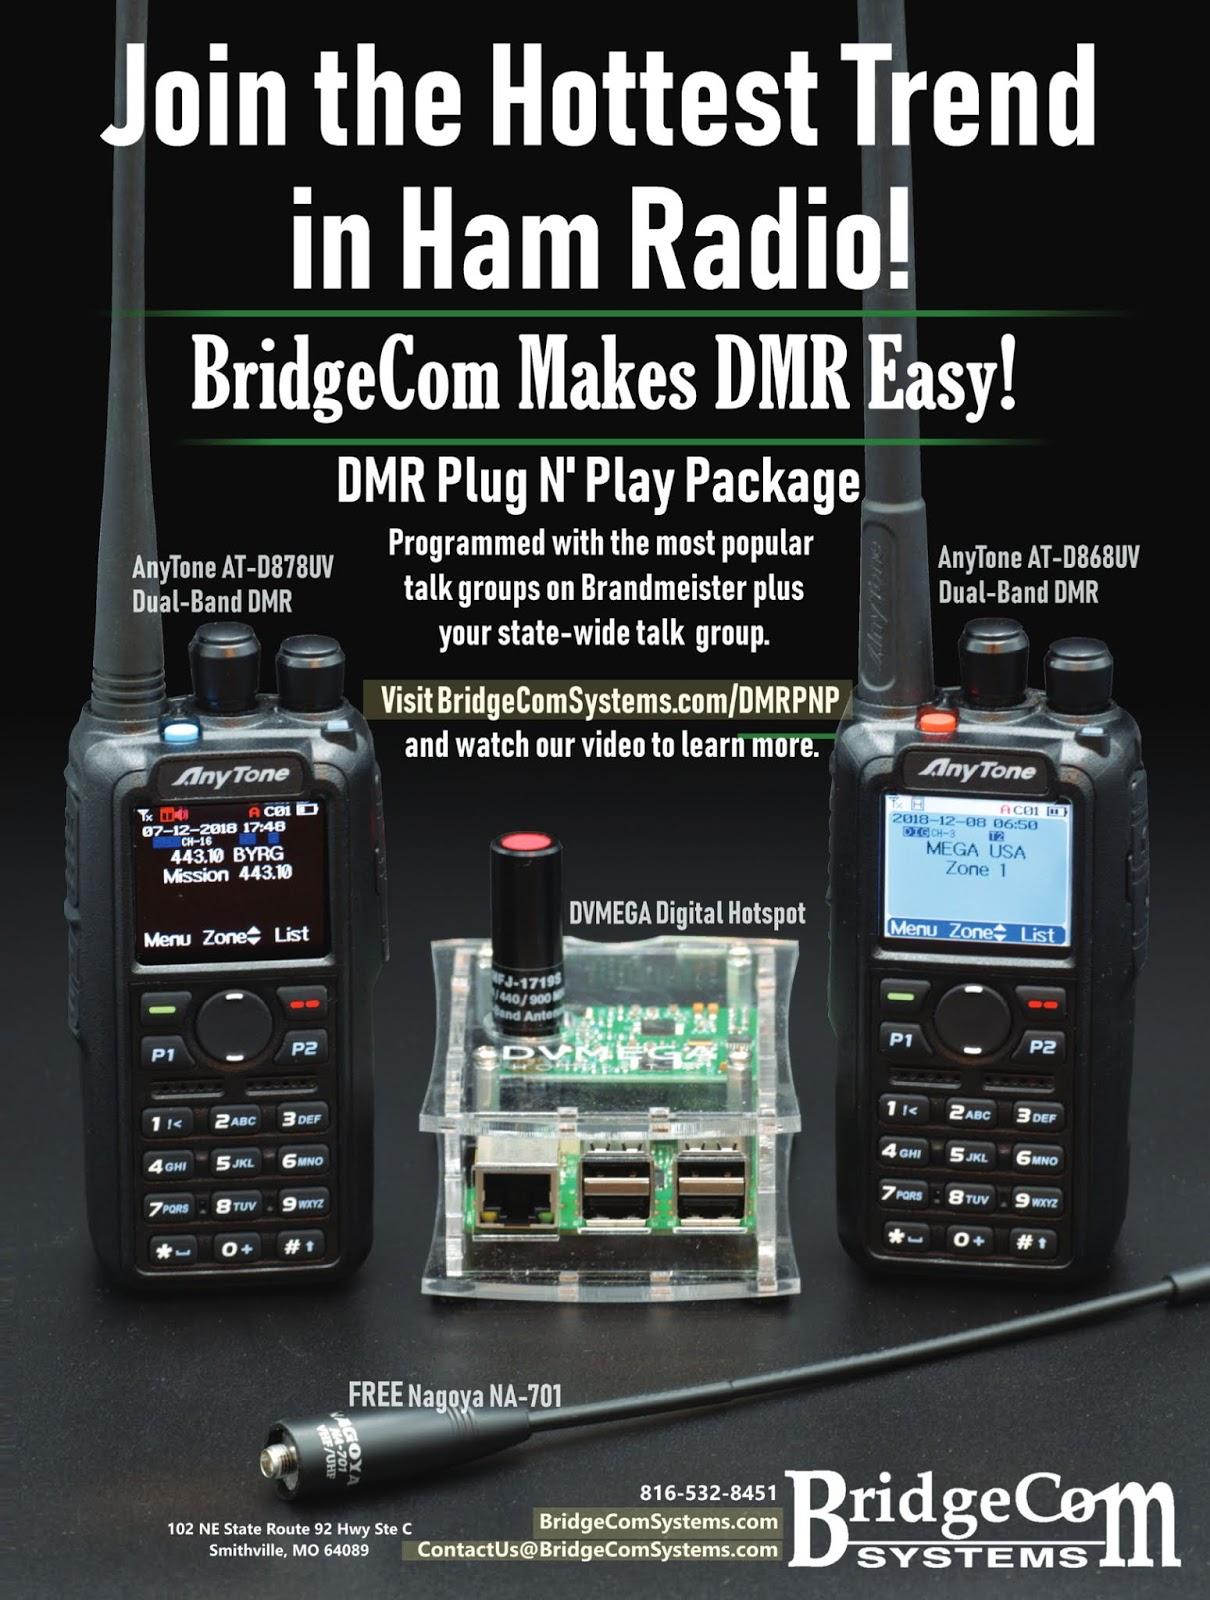 AnyTone AT-D878UV VHF/UHF DMR/FM/APRS